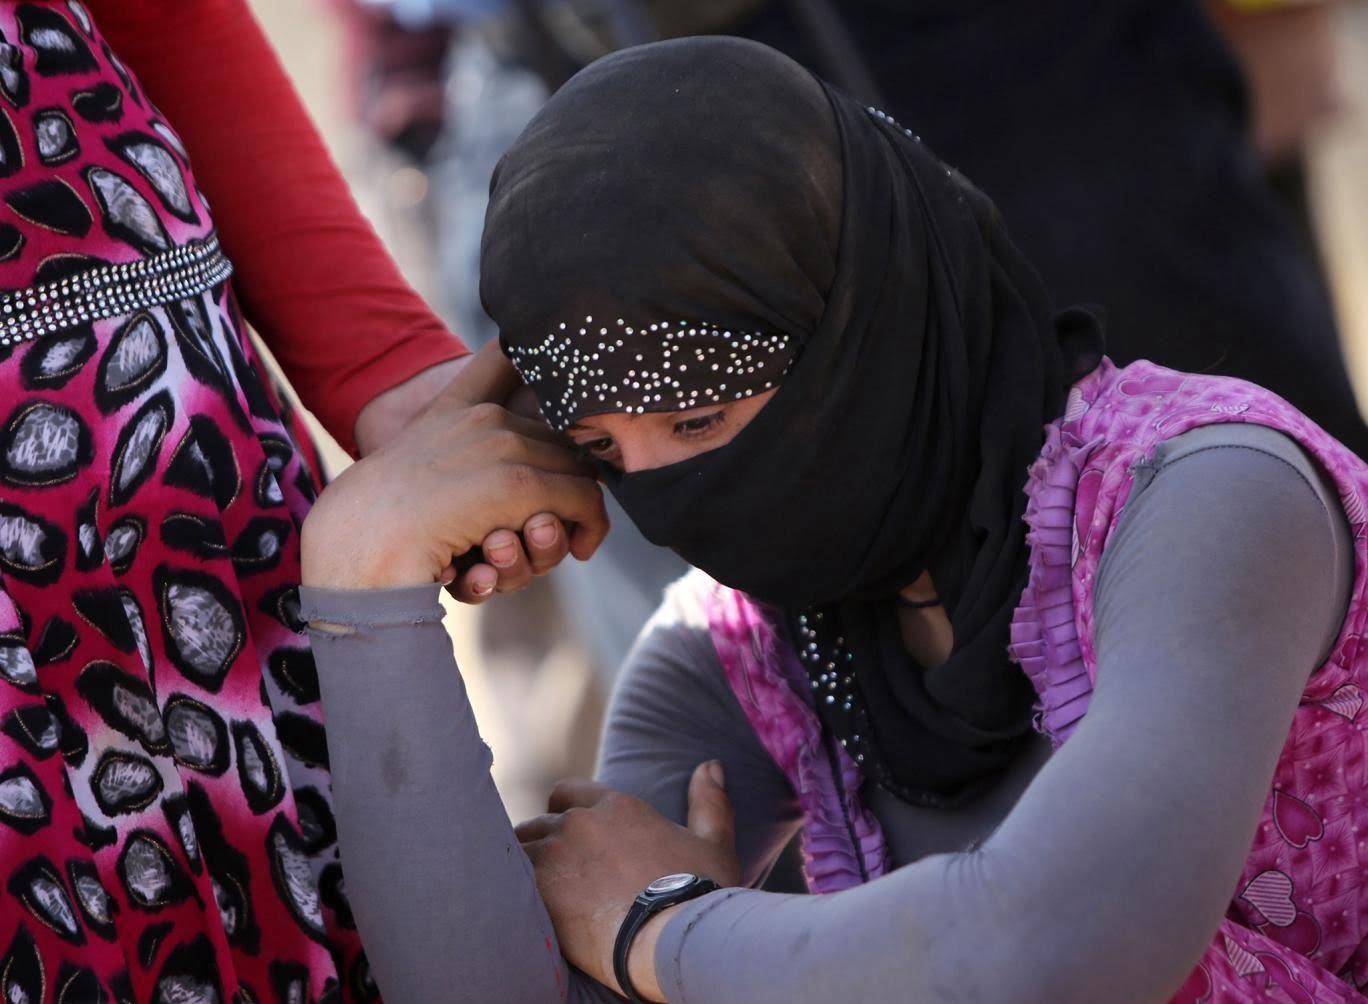 دختران ایزدی5 - معرفی کشورهای عربی خریدار زنان ایزدی